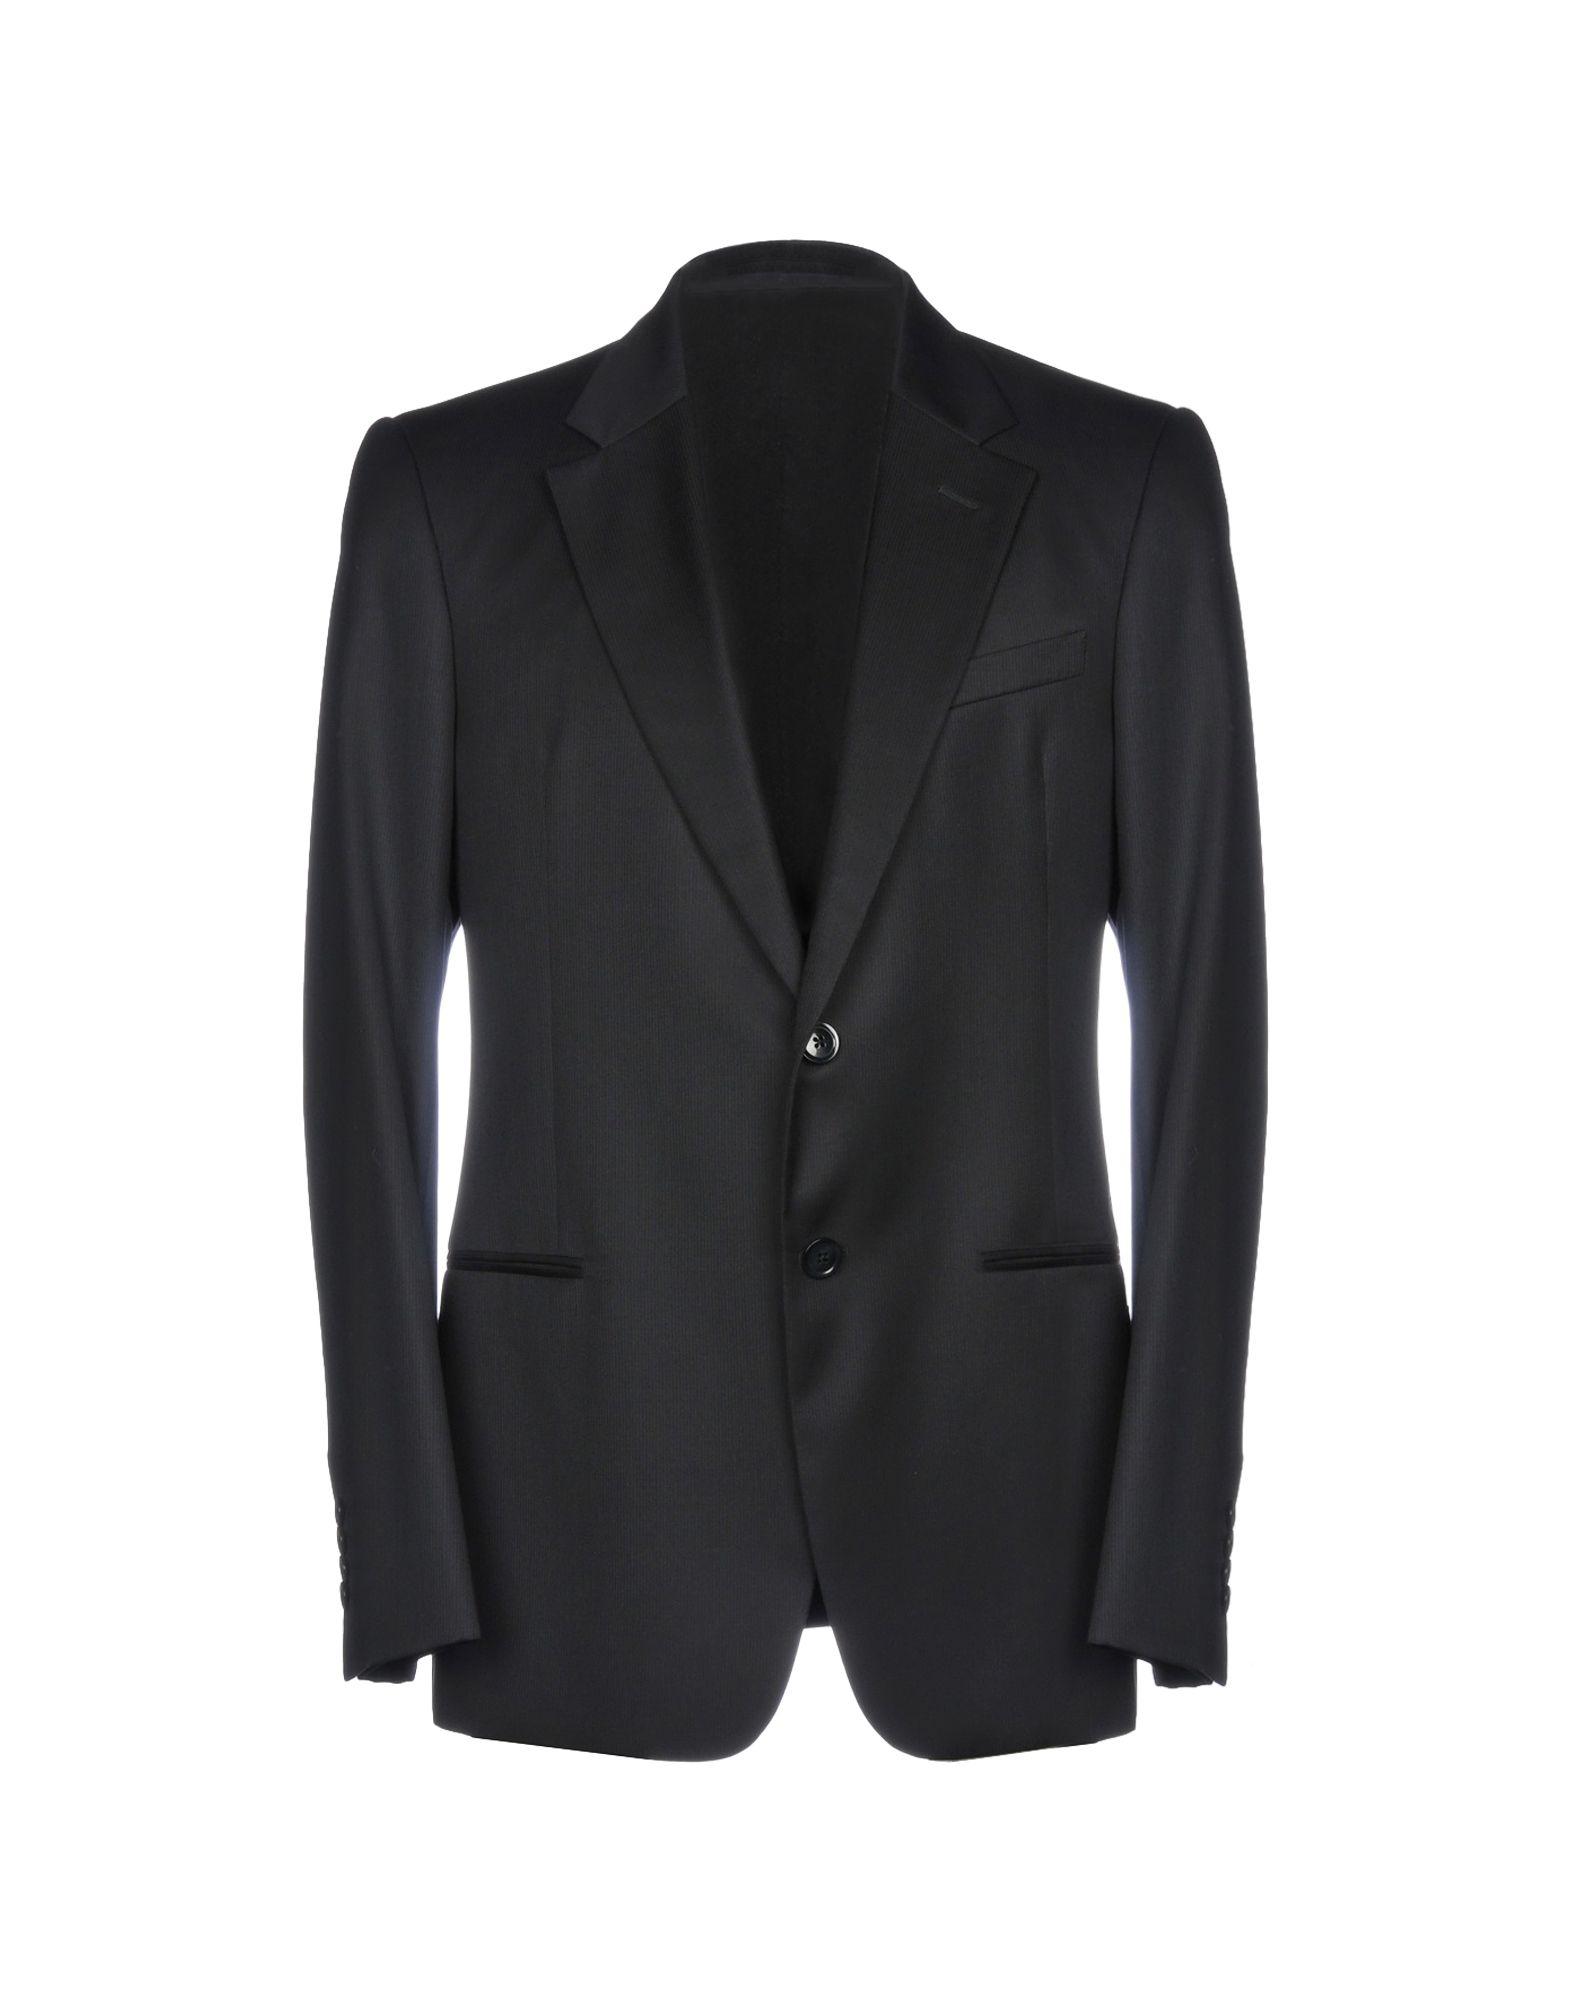 《送料無料》ARMANI COLLEZIONI メンズ テーラードジャケット ブラック 52 ウール 100%